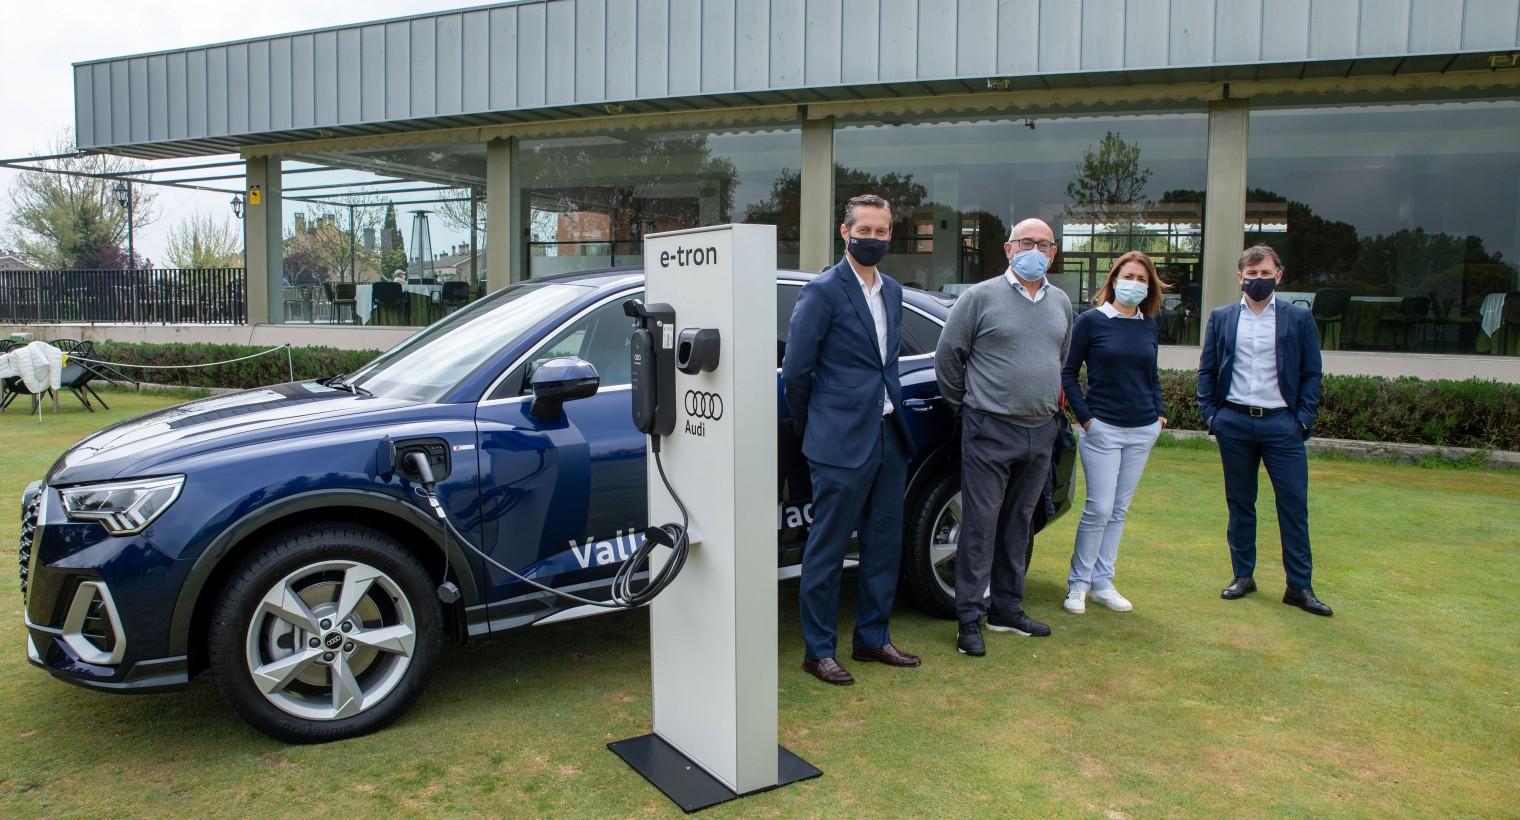 Valladolid Wagen Audi y  Golf Entrepinos firman su acuerdo de colaboración.